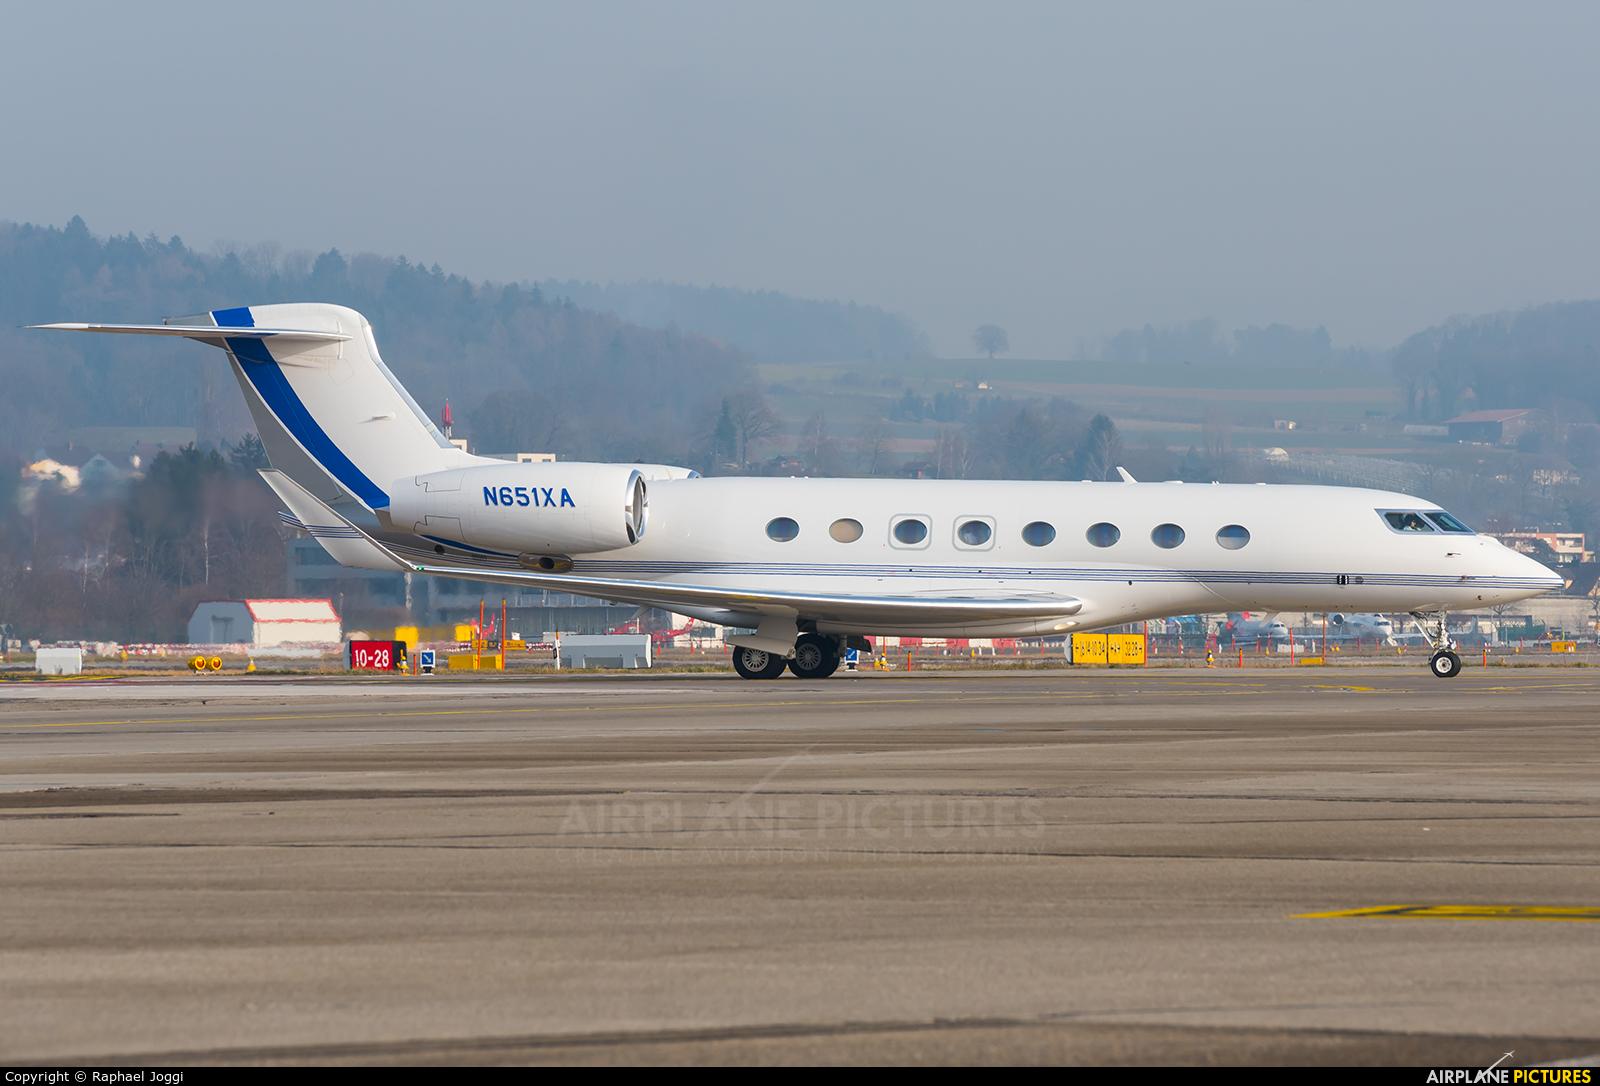 Saudi Aramco Aviation N651XA aircraft at Zurich